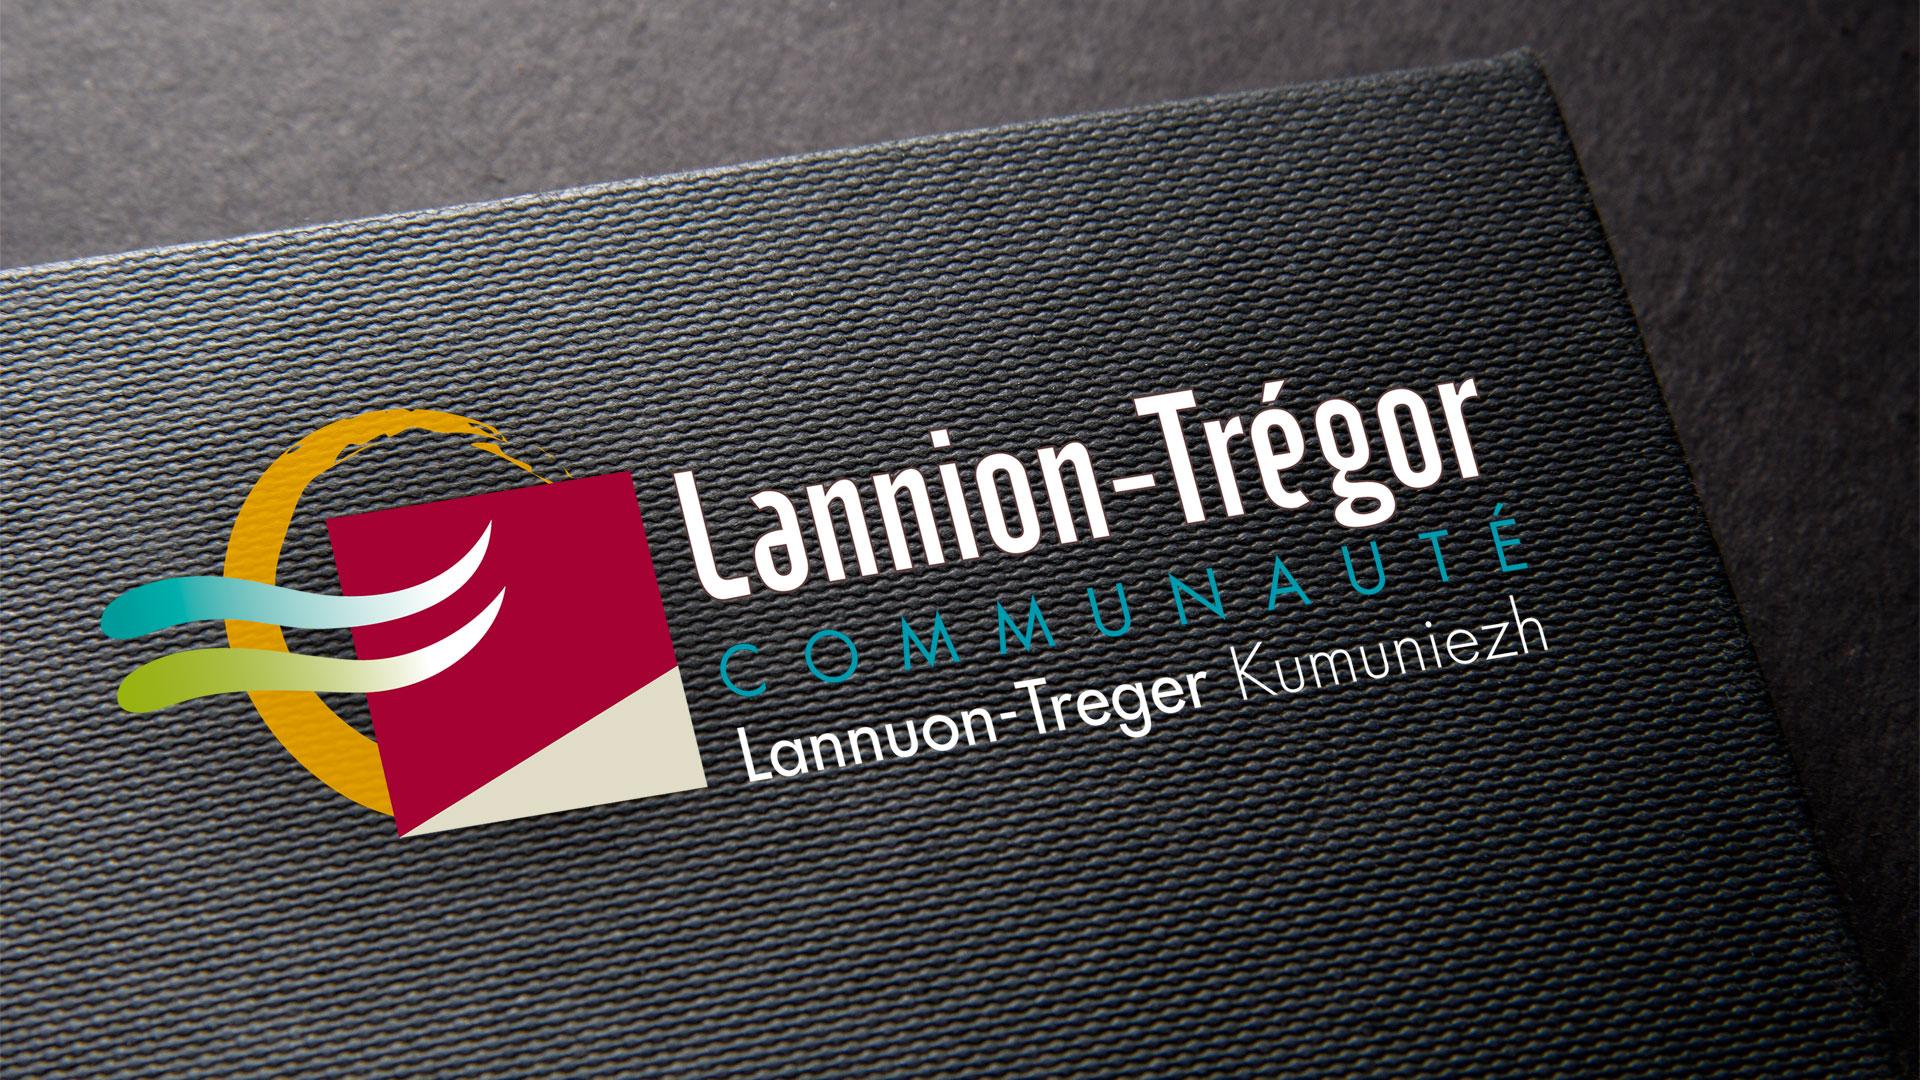 Logo-lannion-tregor-communaute-Agence-Coqueliko